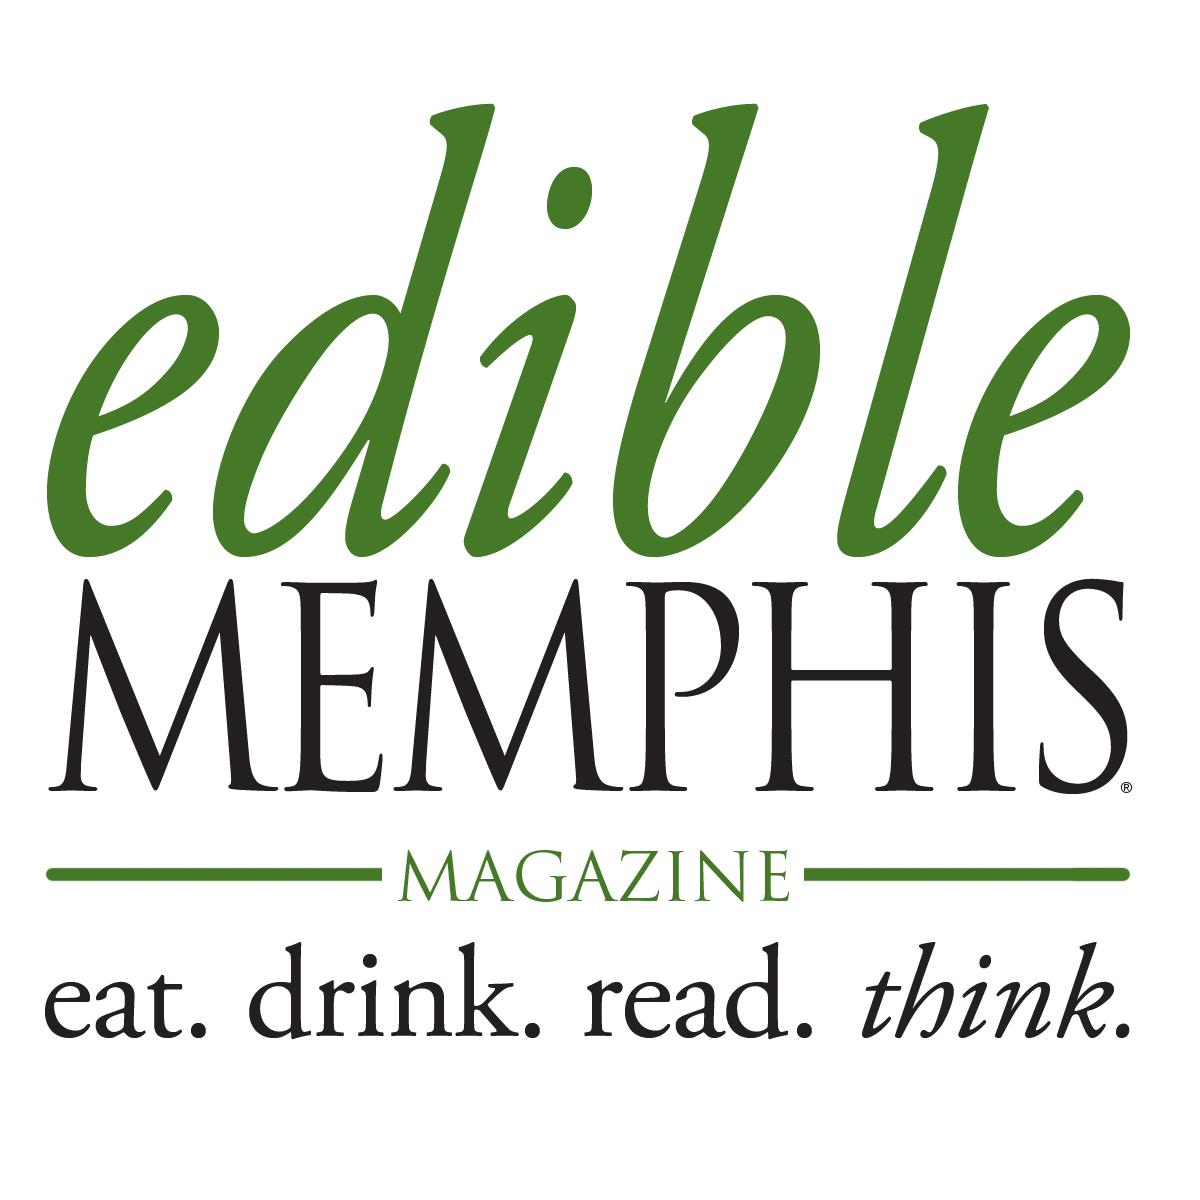 ediblememphis_logo_stacked copy 2.jpg